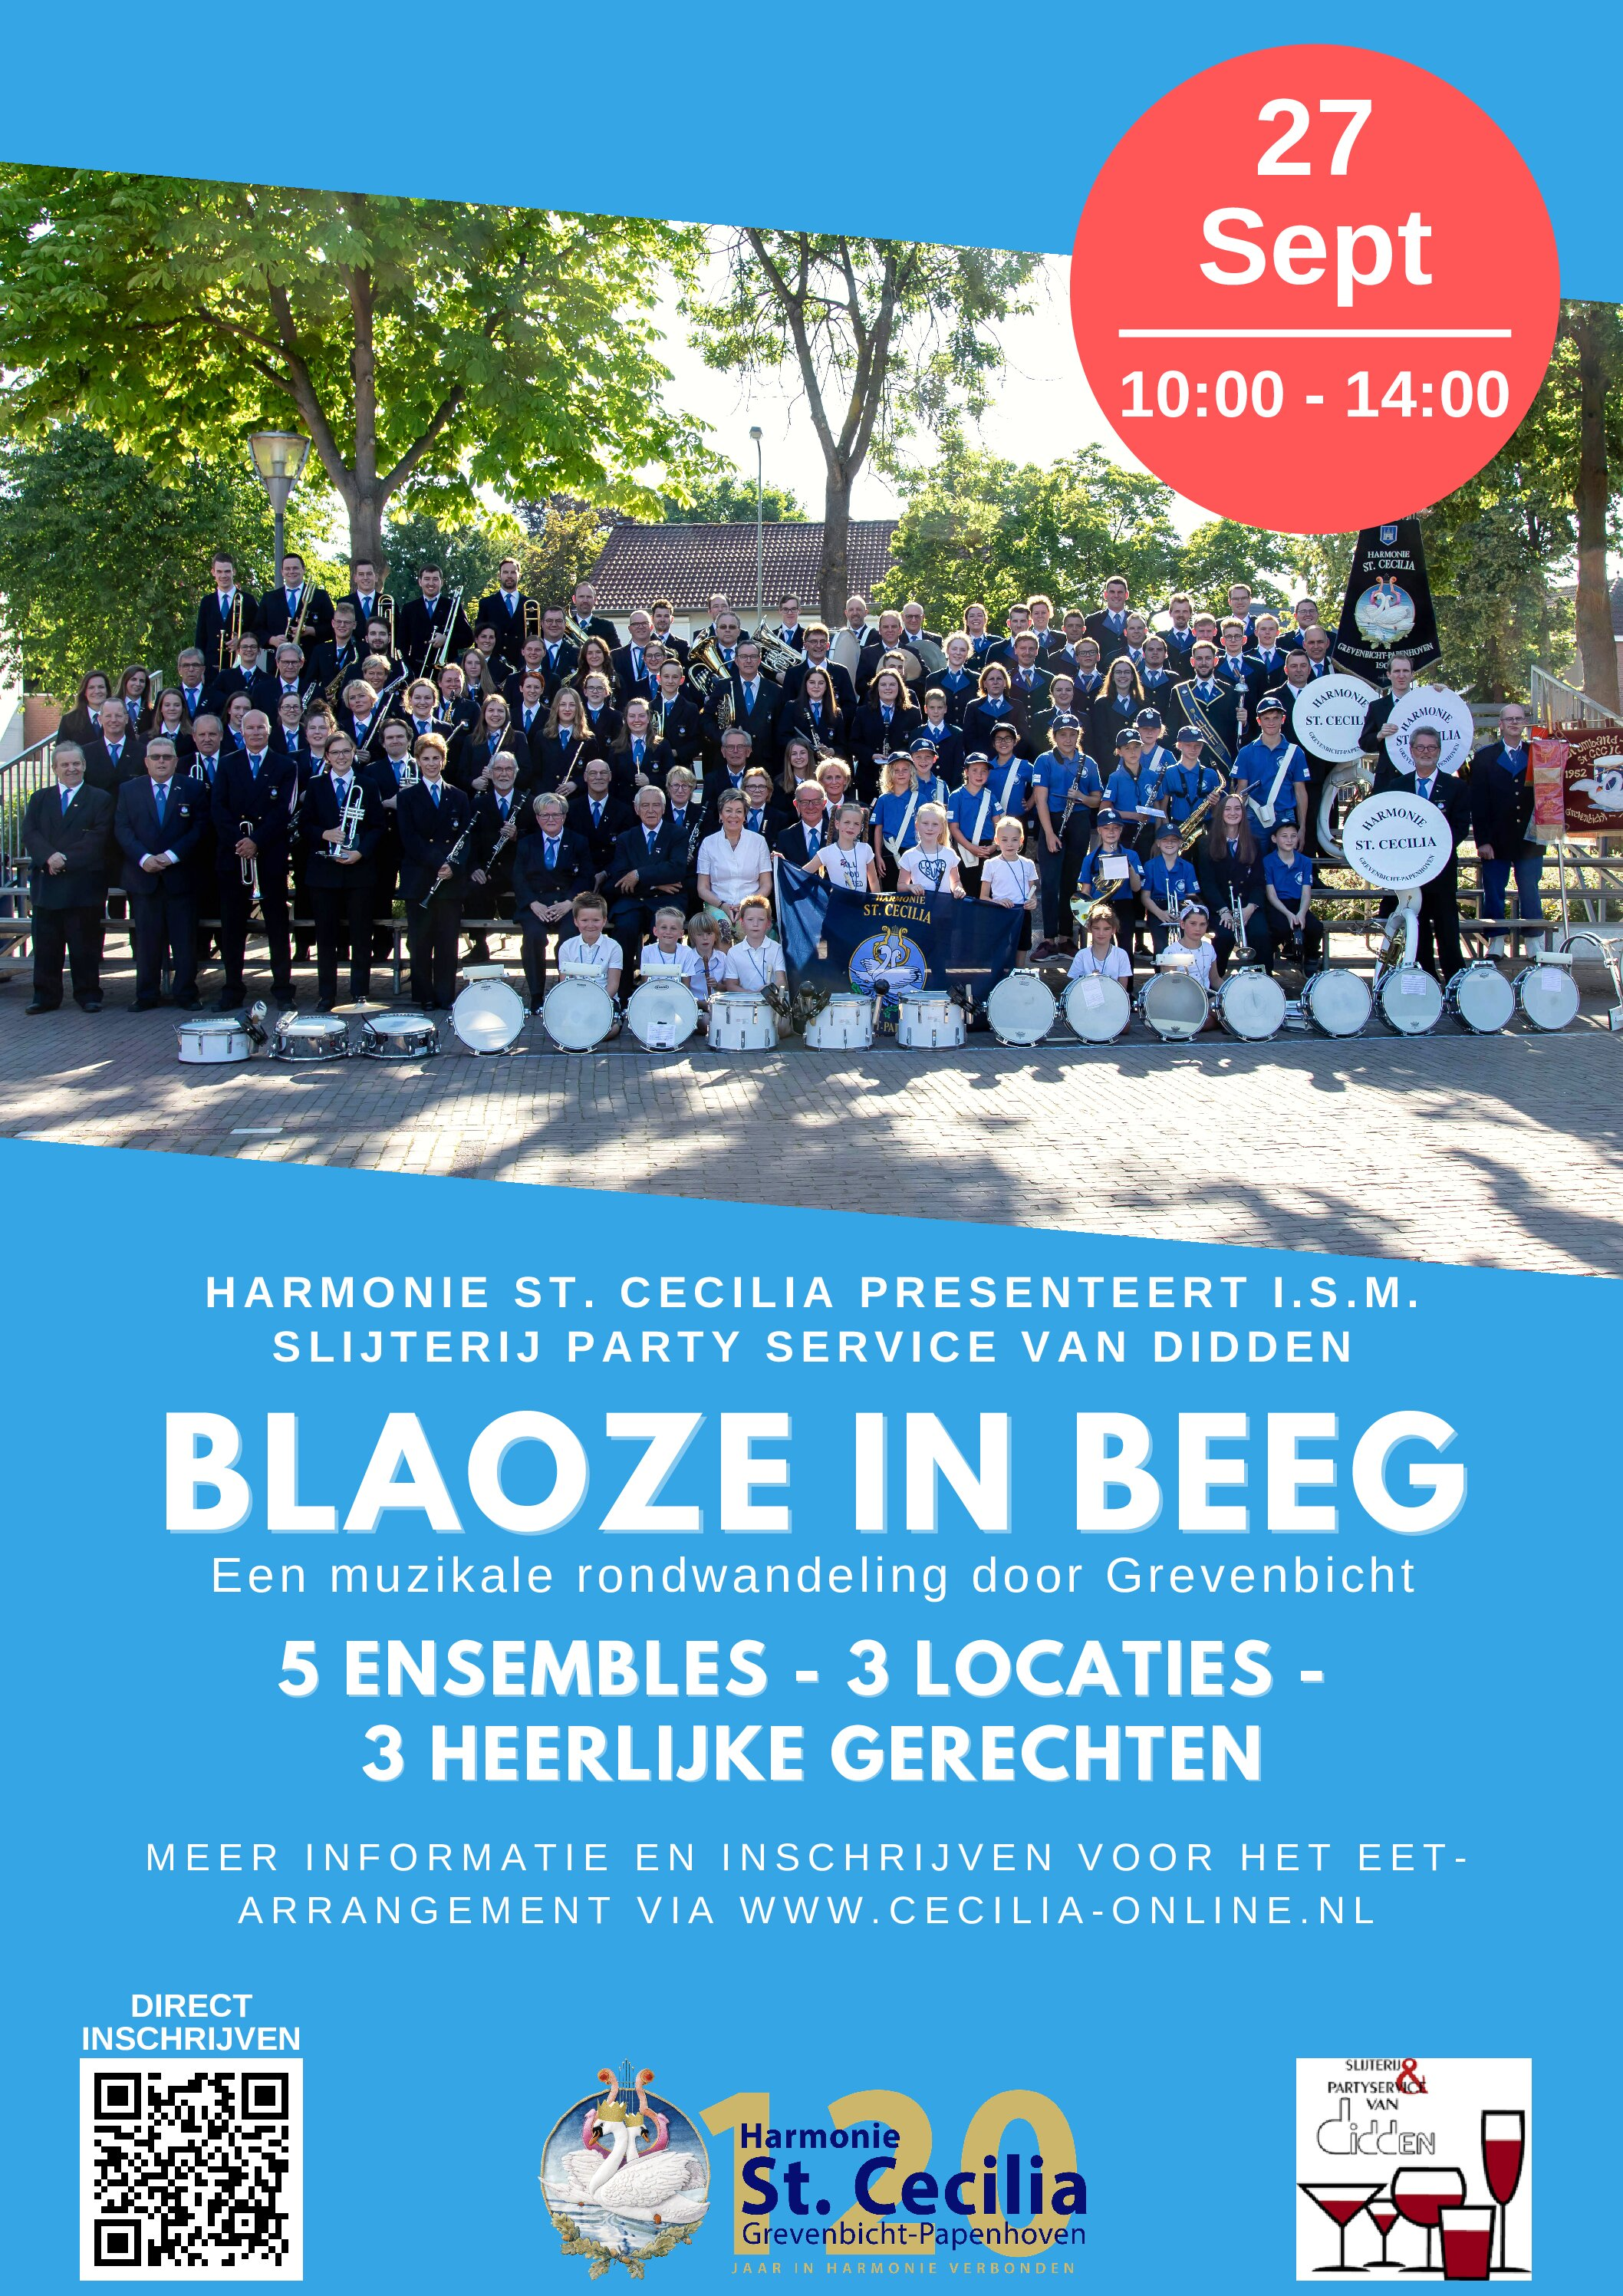 Doe mee met Blaoze in Beeg: een muzikale rondwandeling!